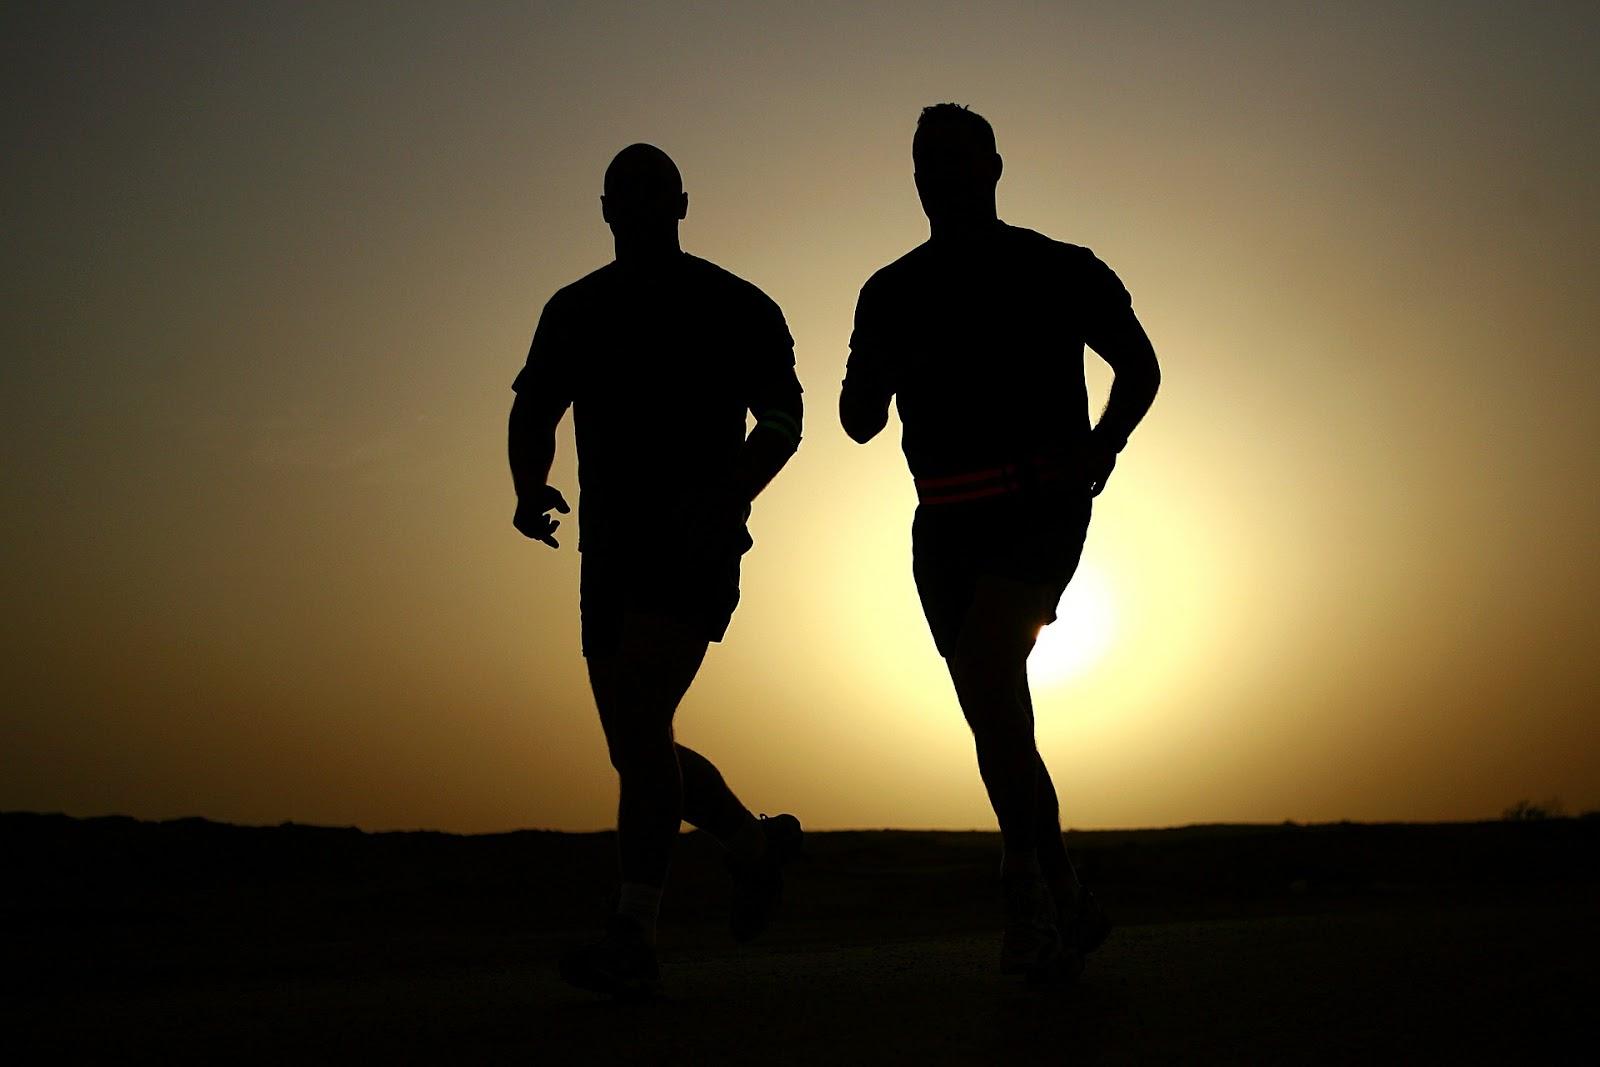 El deporte, uno de los pasatiempos más saludables